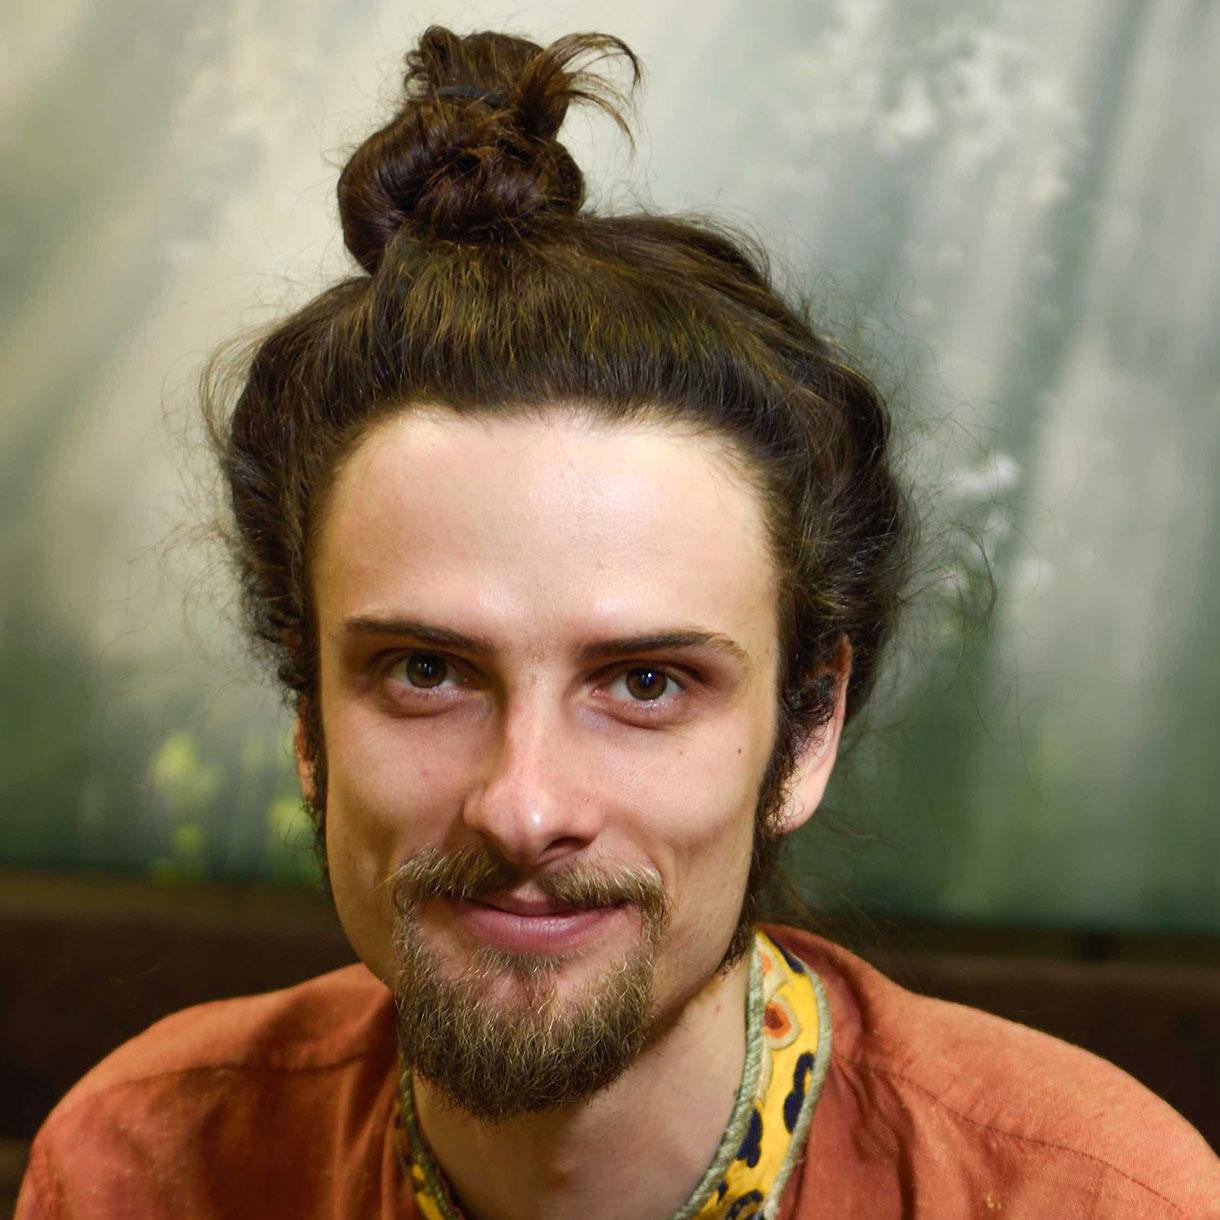 Dmitry Vulfovich